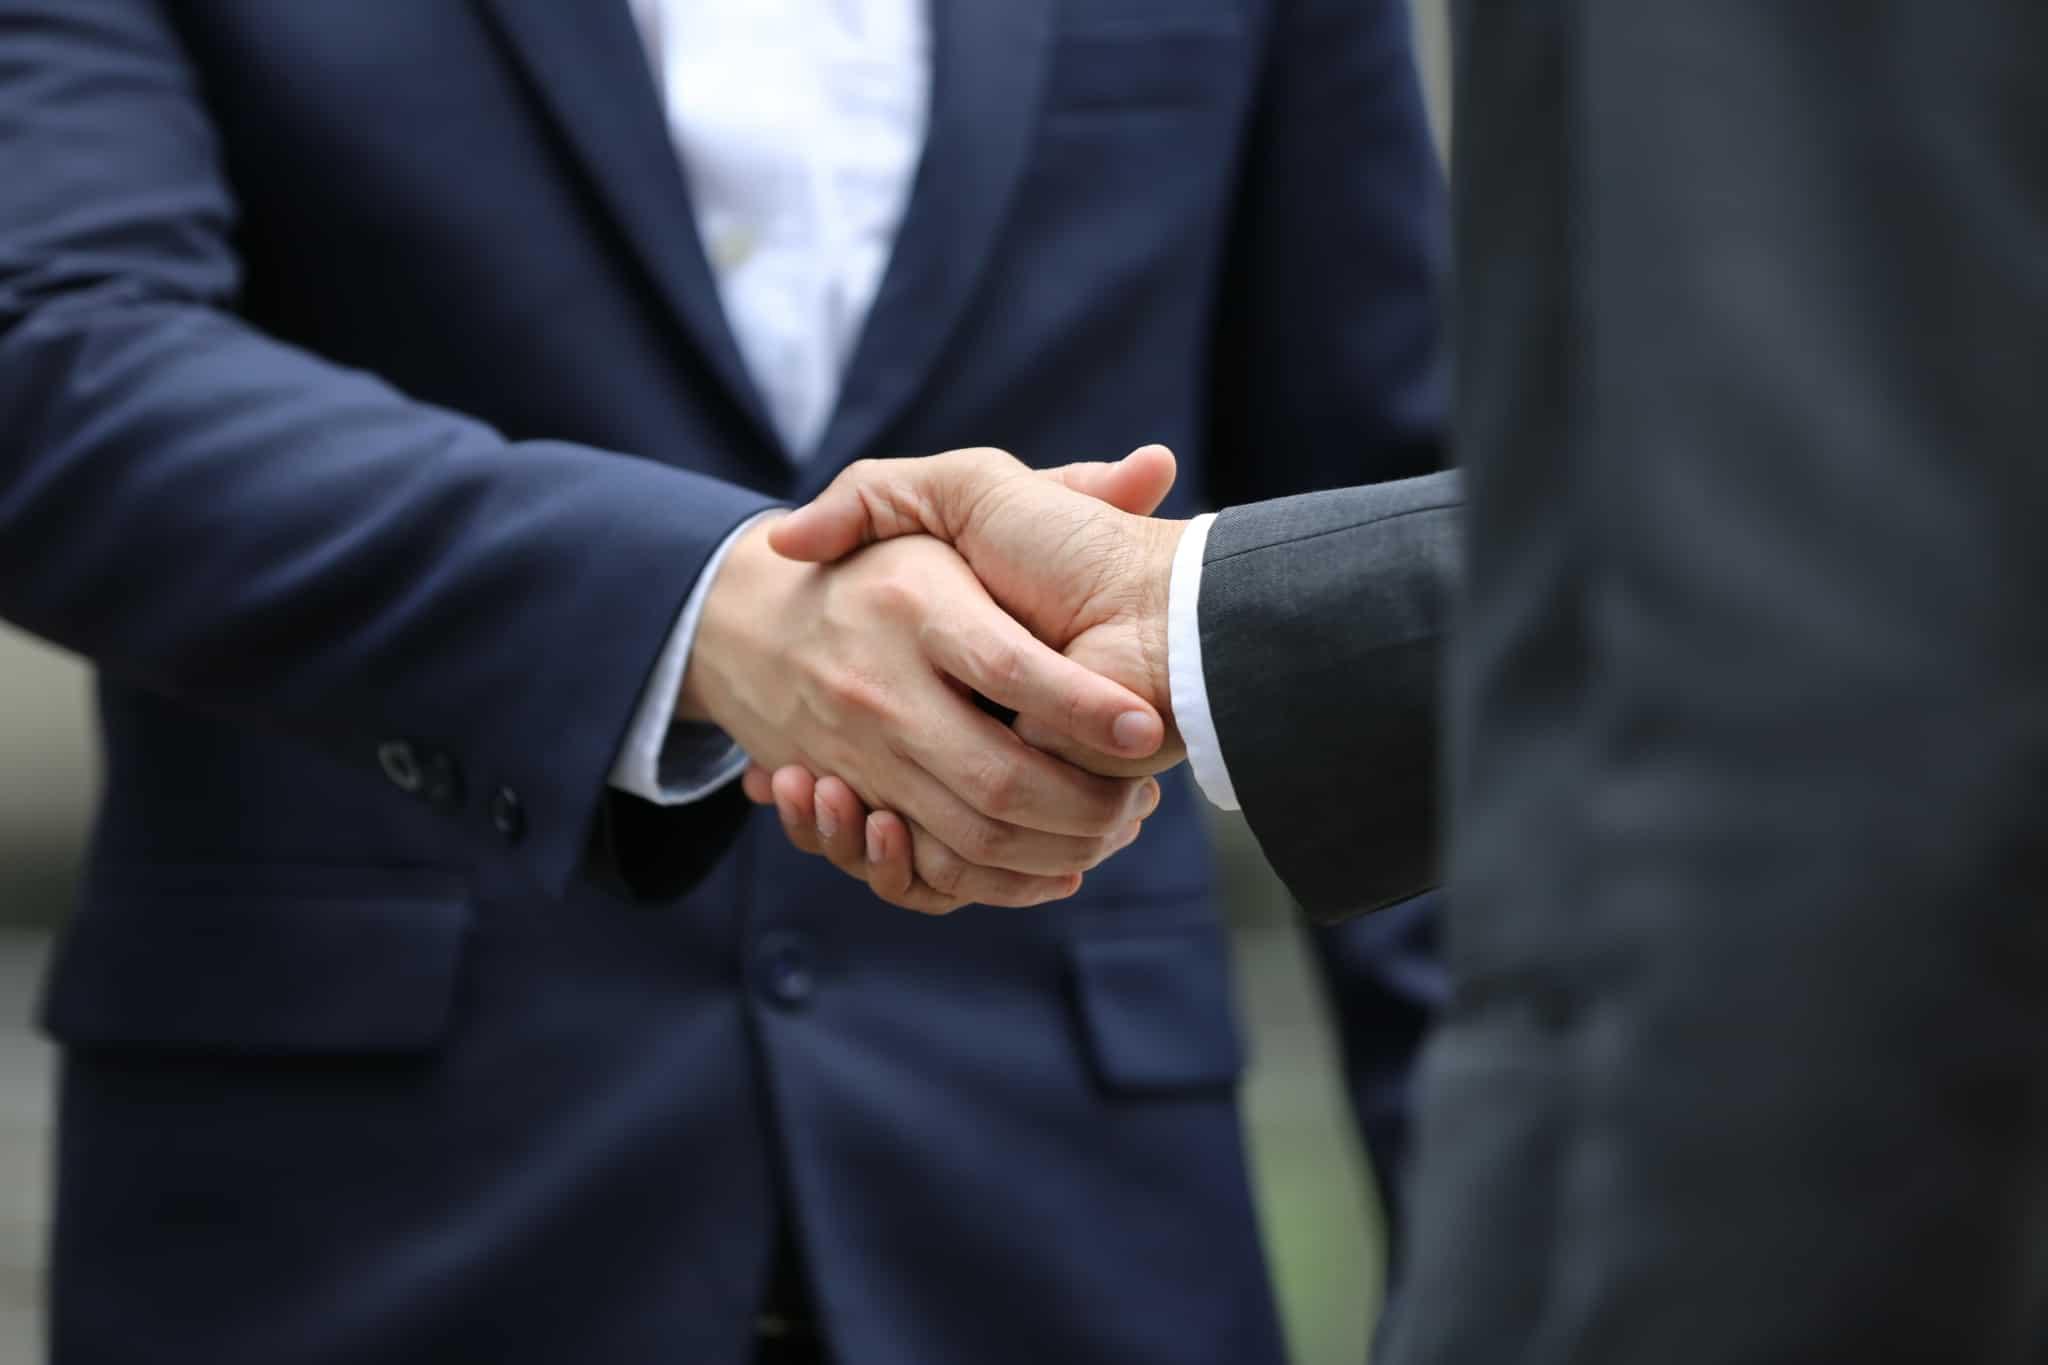 aperto de mão a fazer um negócio